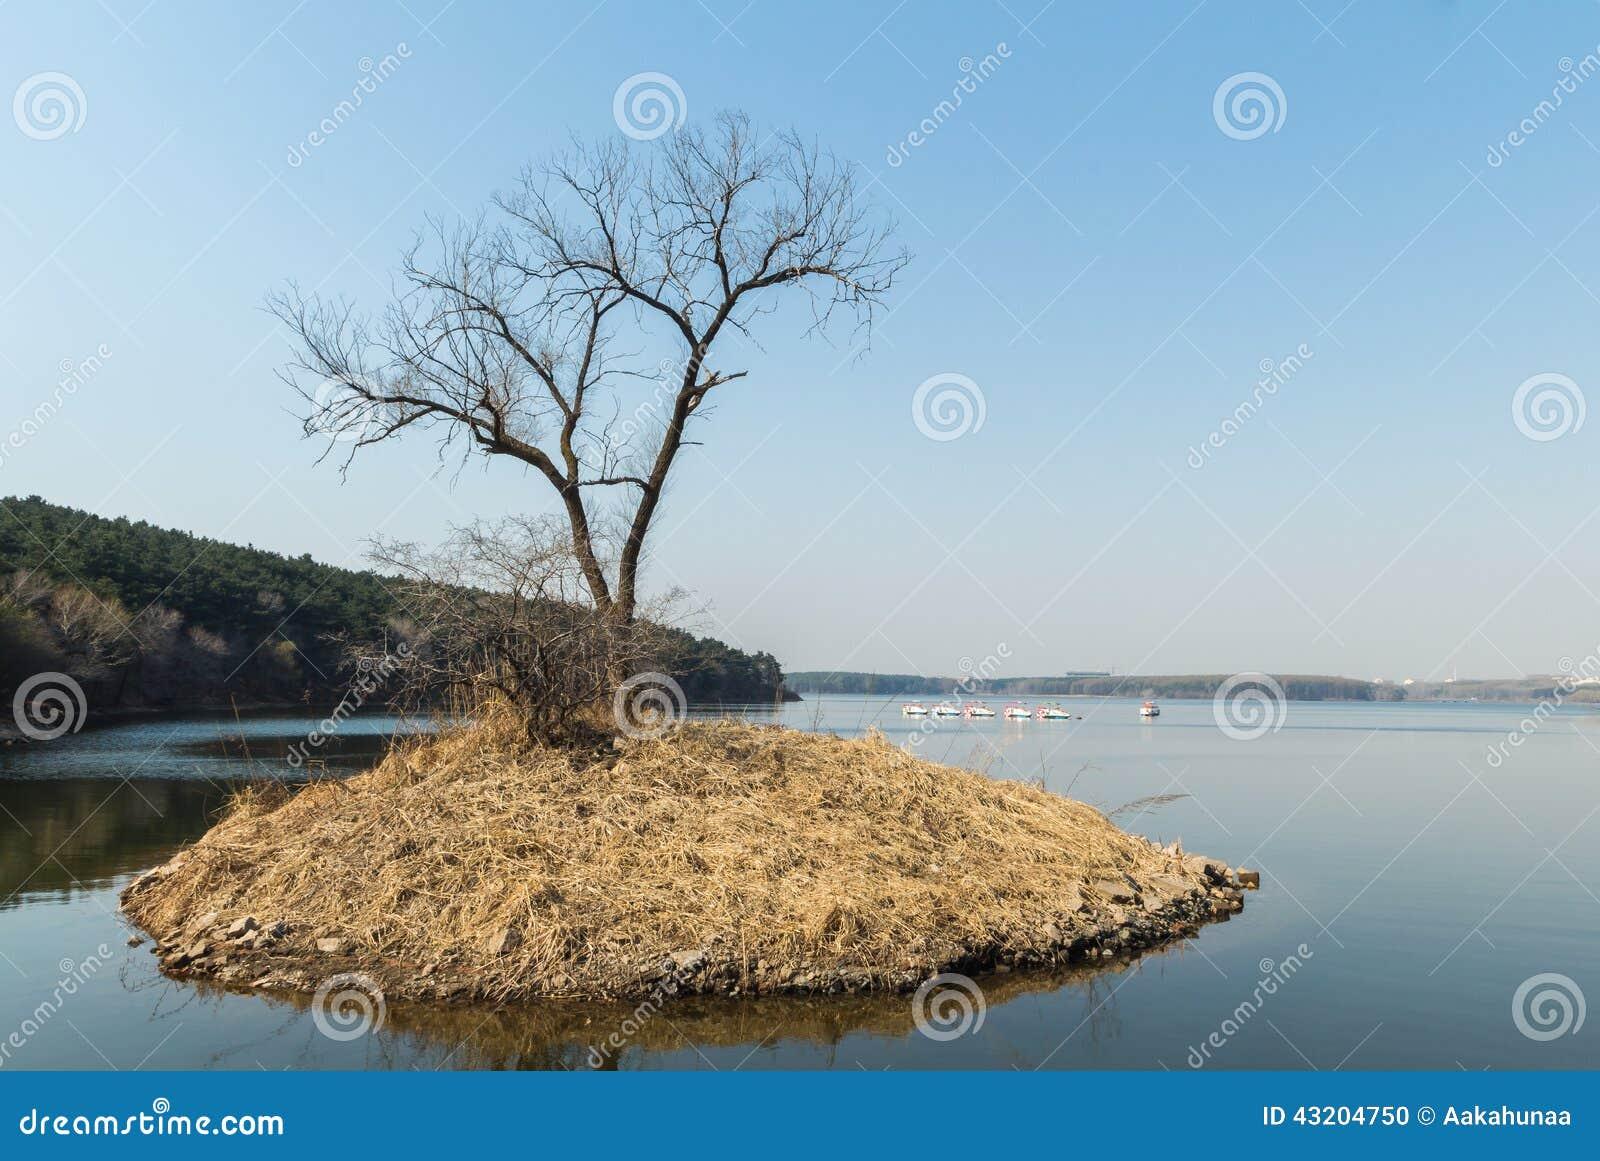 Download Landskap för Jilin månesjö arkivfoto. Bild av natur, vatten - 43204750